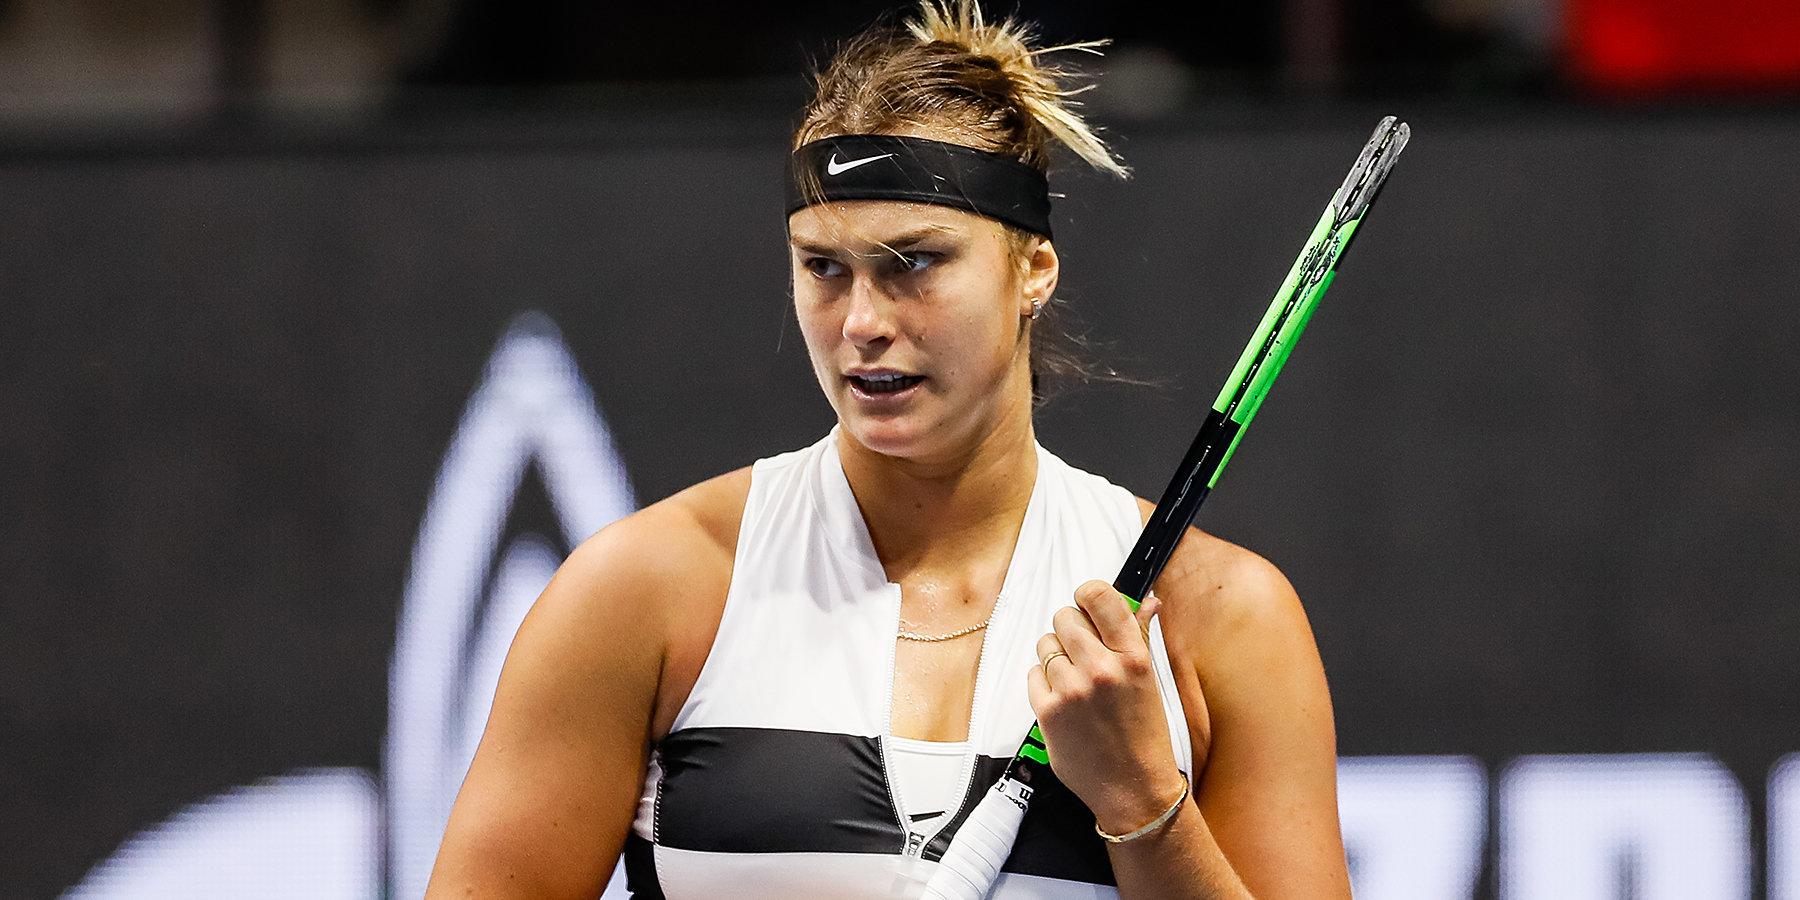 Соболенко уступила Кербер в 1/8 финала турнира в Индиан-Уэллсе